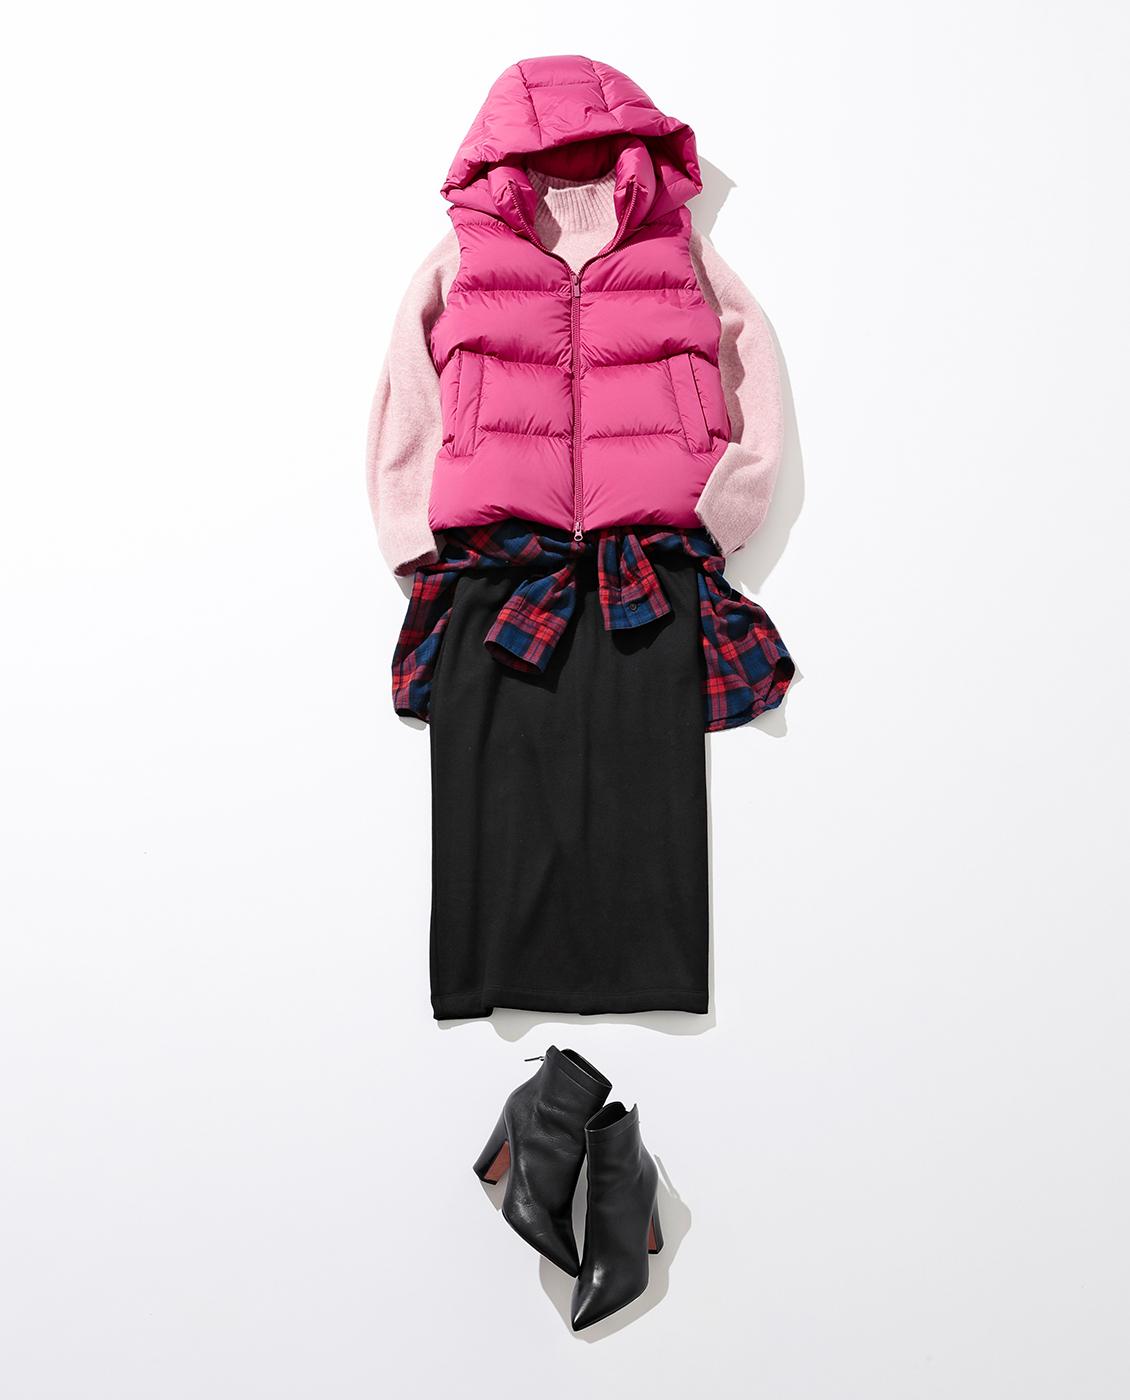 パキッと鮮やかなピンクは同色のニット+シャツの腰巻きでチアフルな表情に